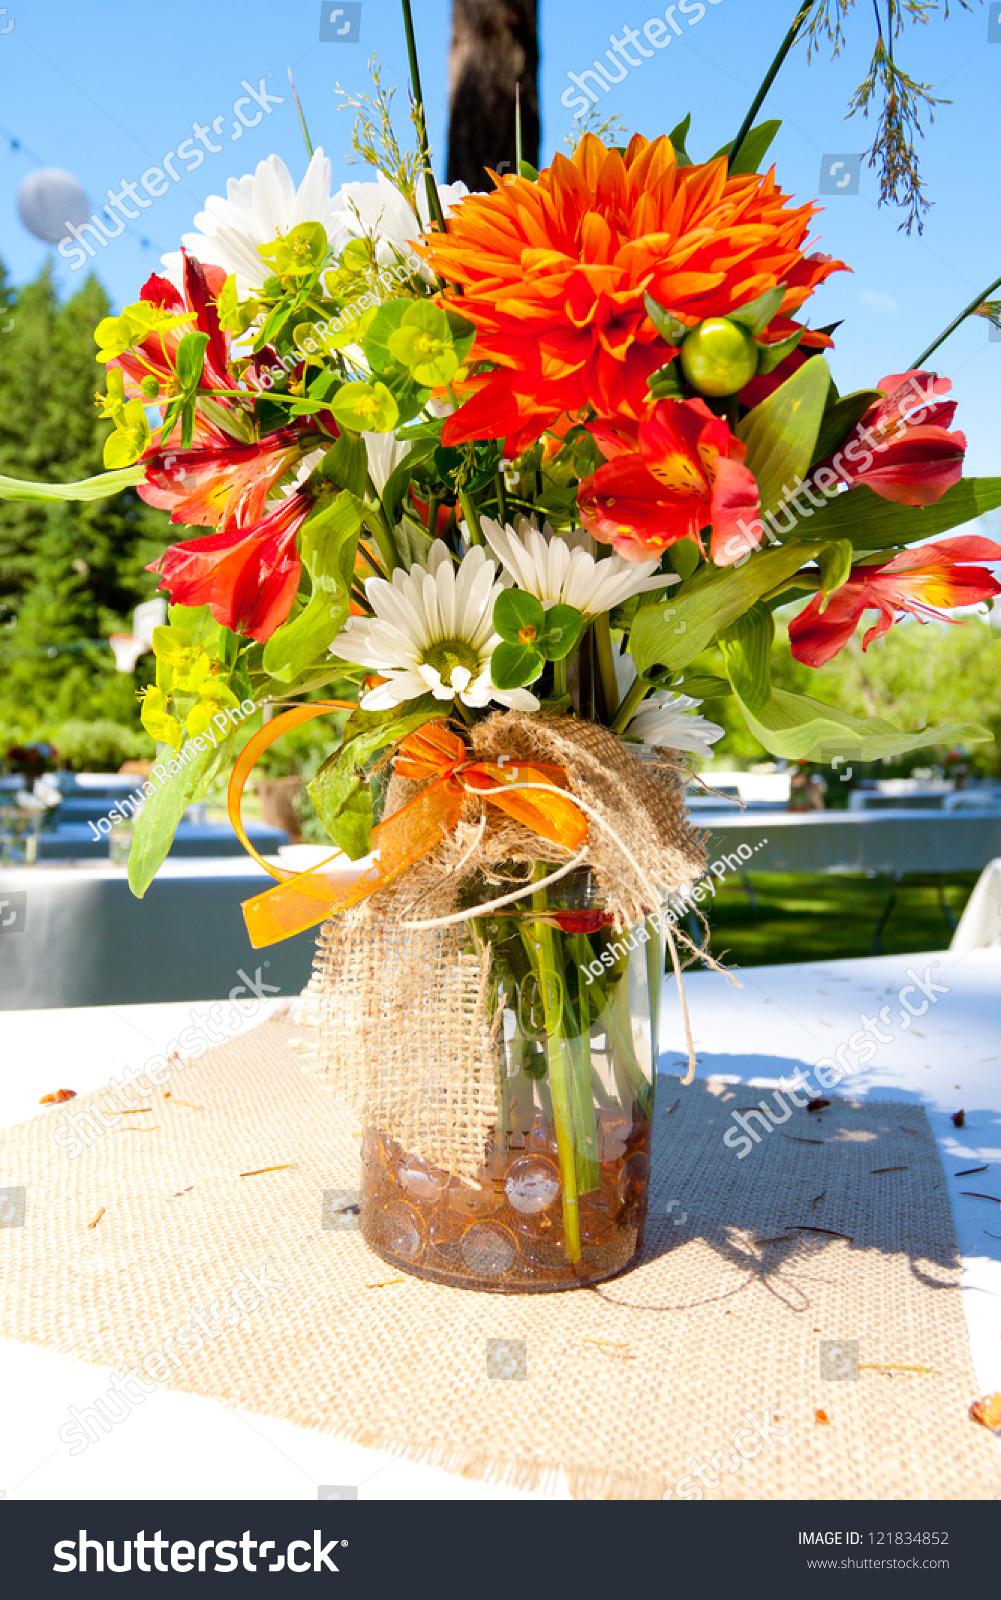 White Orange Green Wedding Flower Arrangements Stock Photo Download